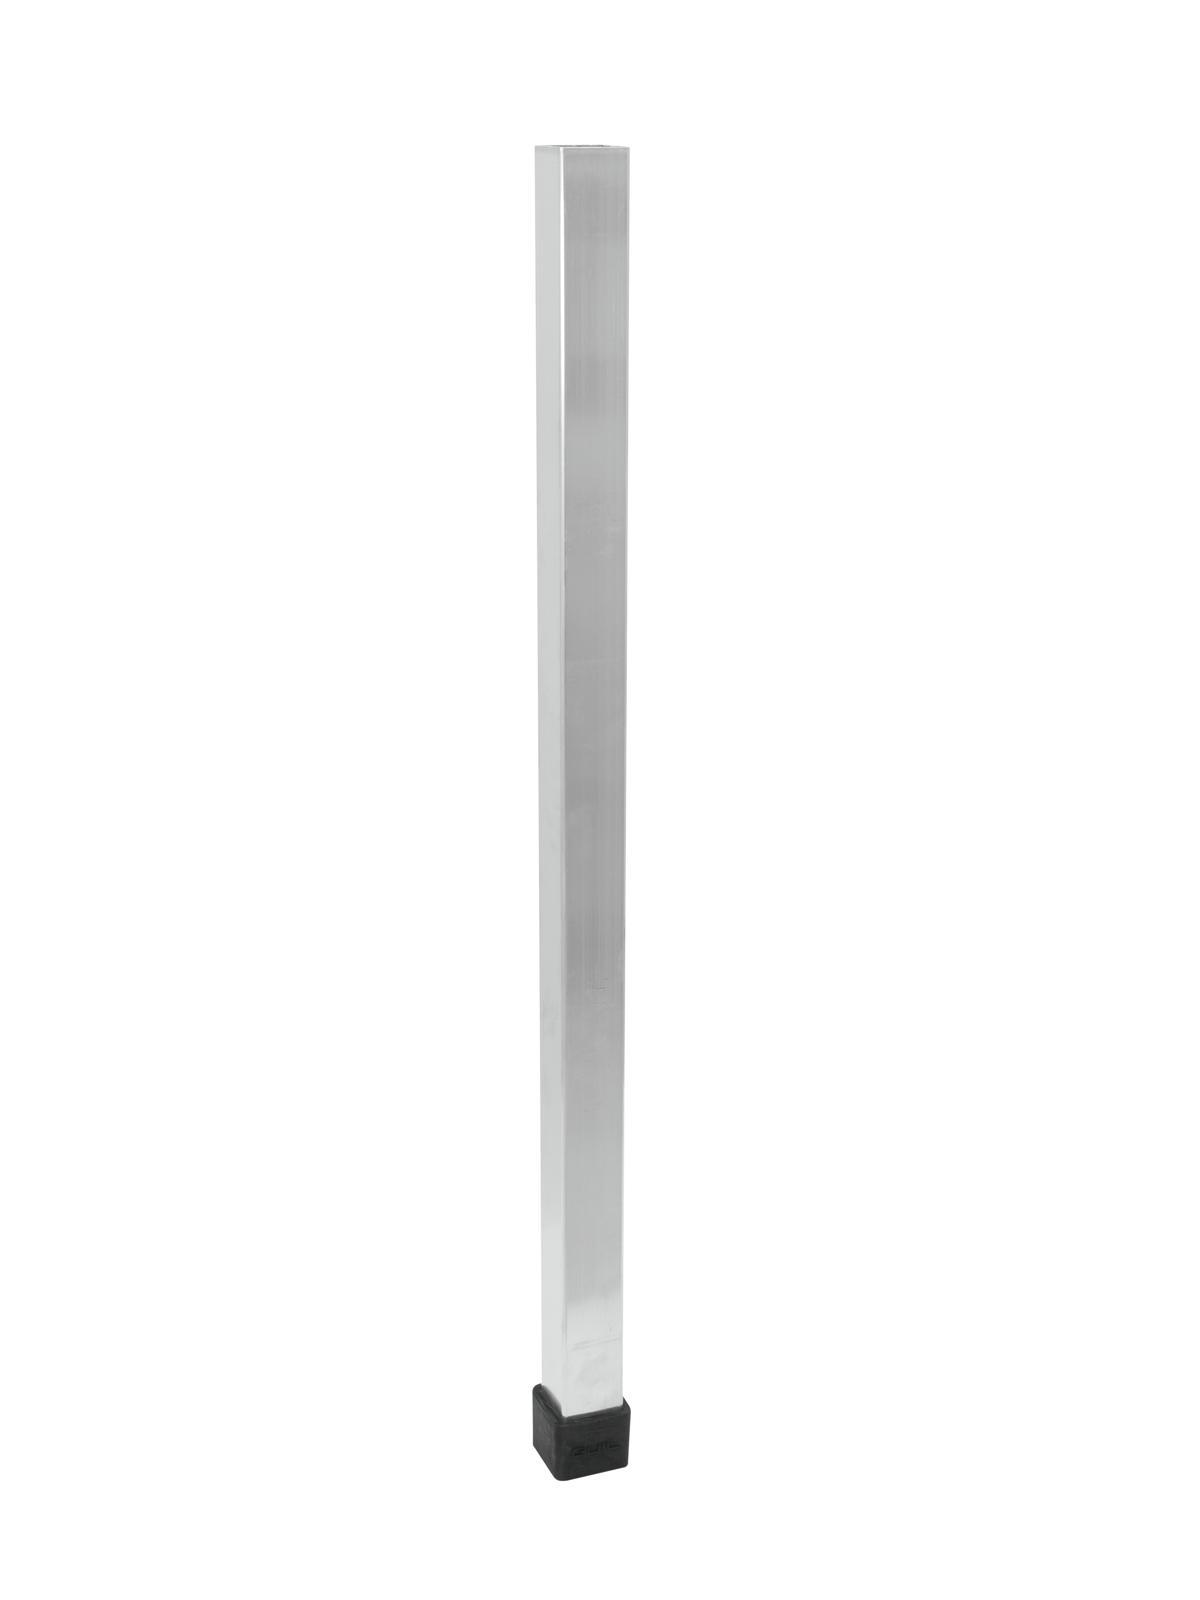 GUIL PTA-440/100 Steckfuß